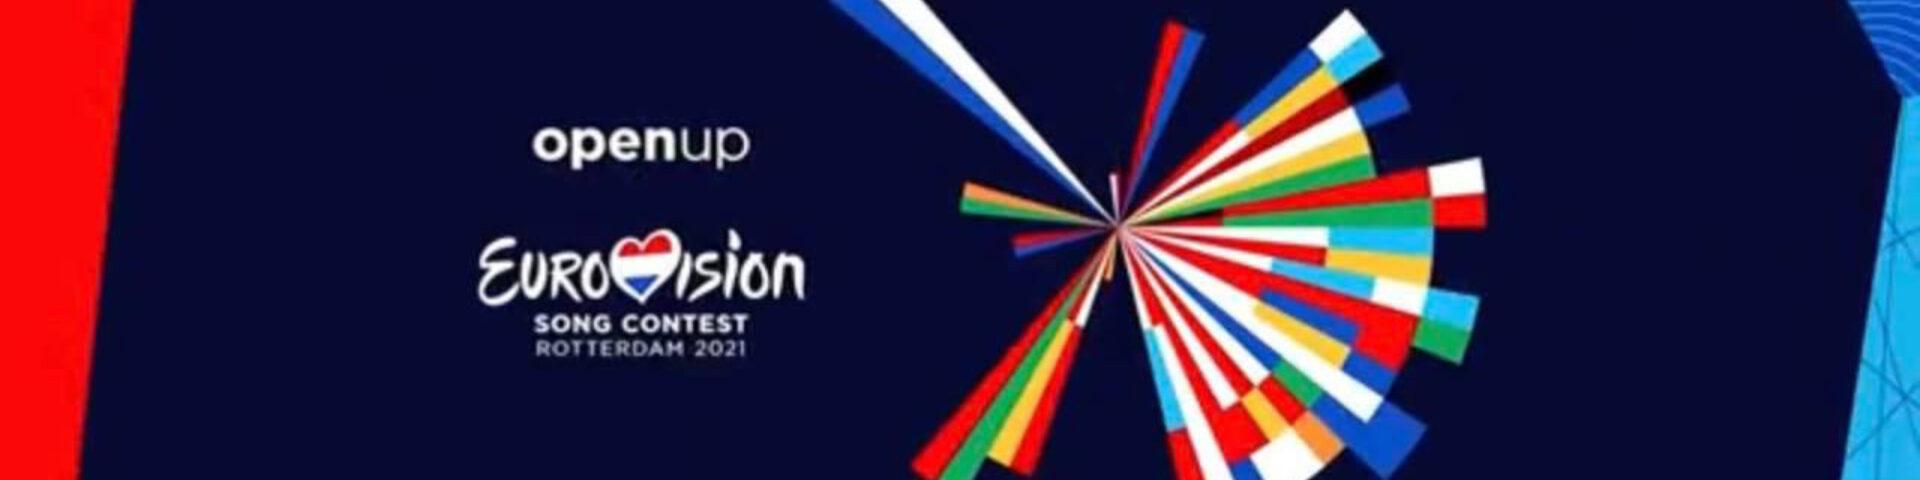 Eurovision 2021, ordine di esibizione